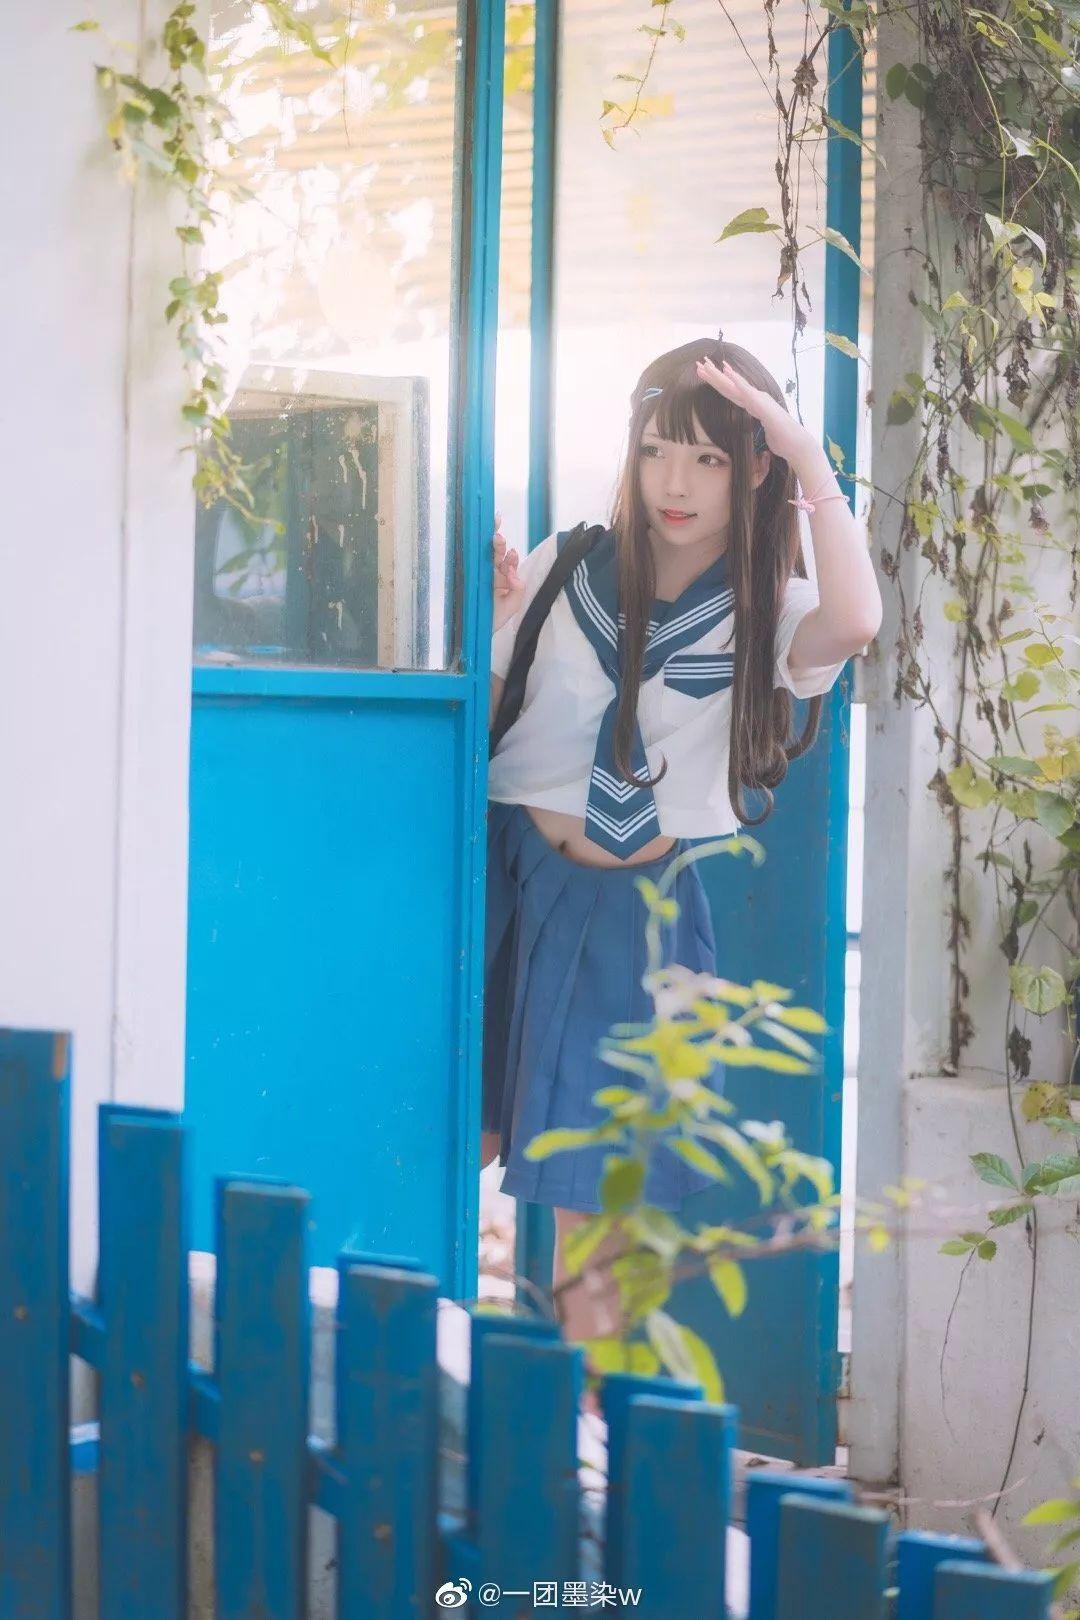 妹子摄影 – 白丝袜连衣裙少女和JK制服元气女孩_图片 No.16